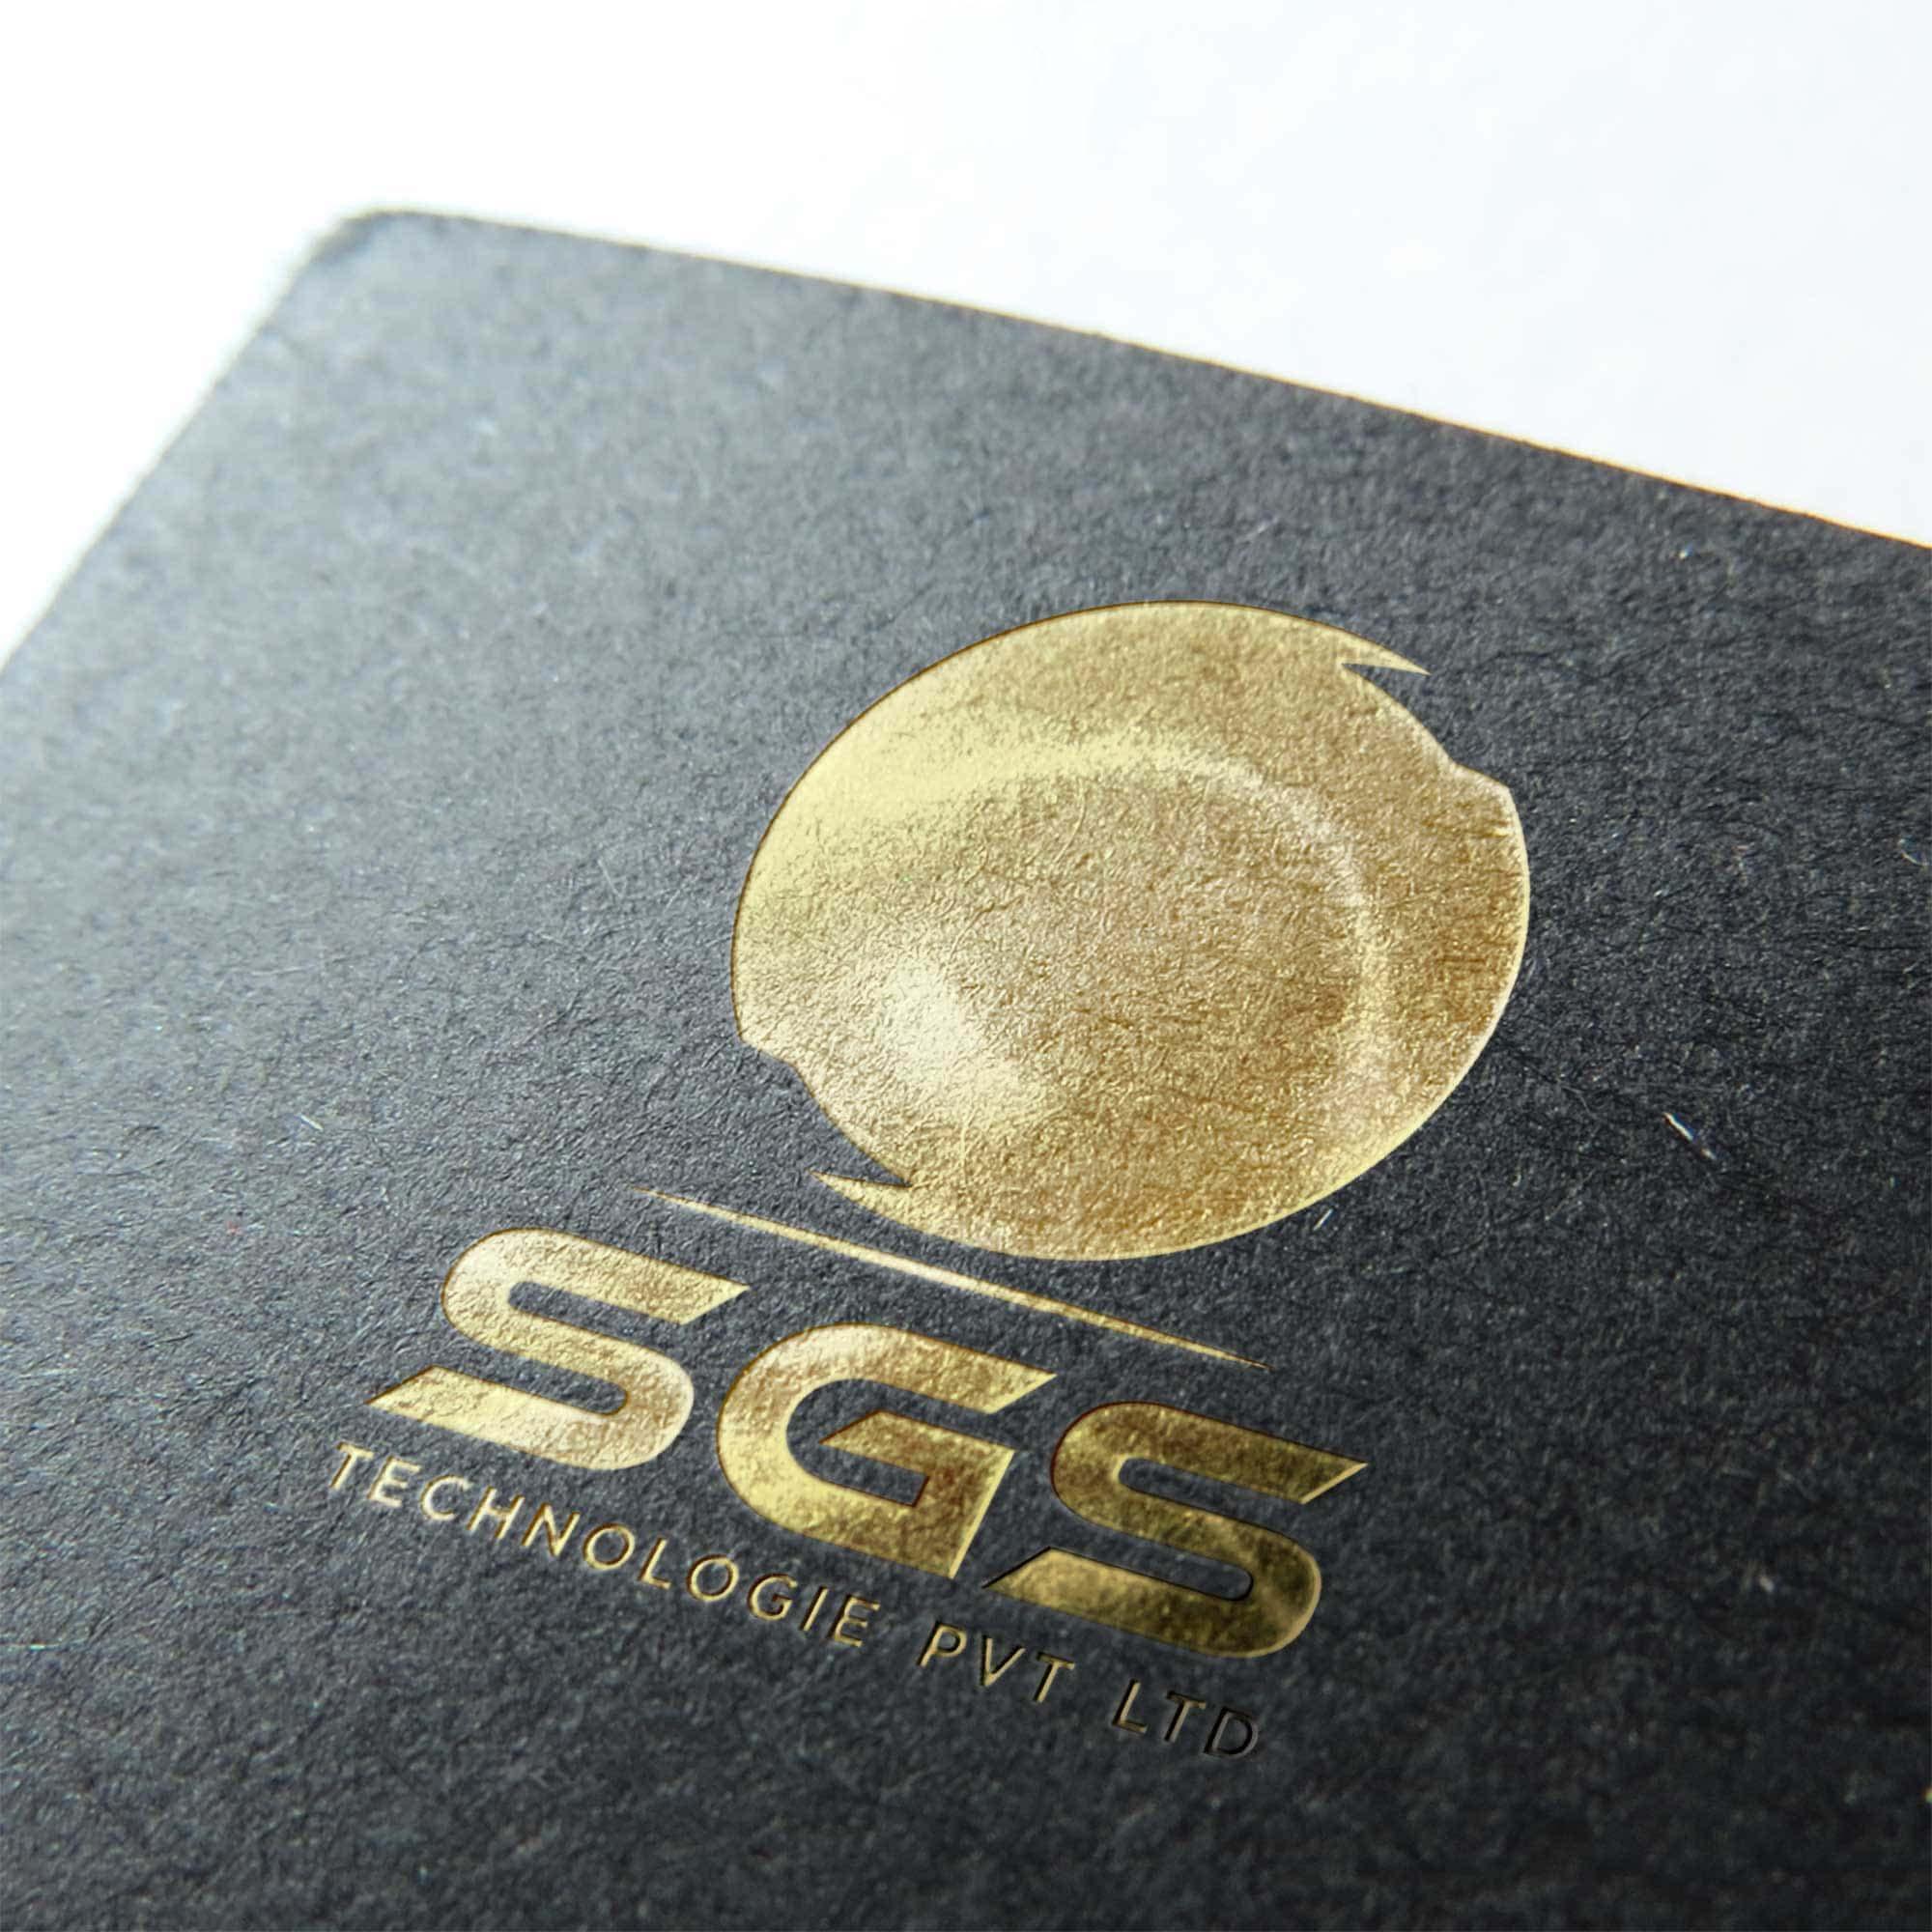 Slick Gold Foil Stamp Mockup